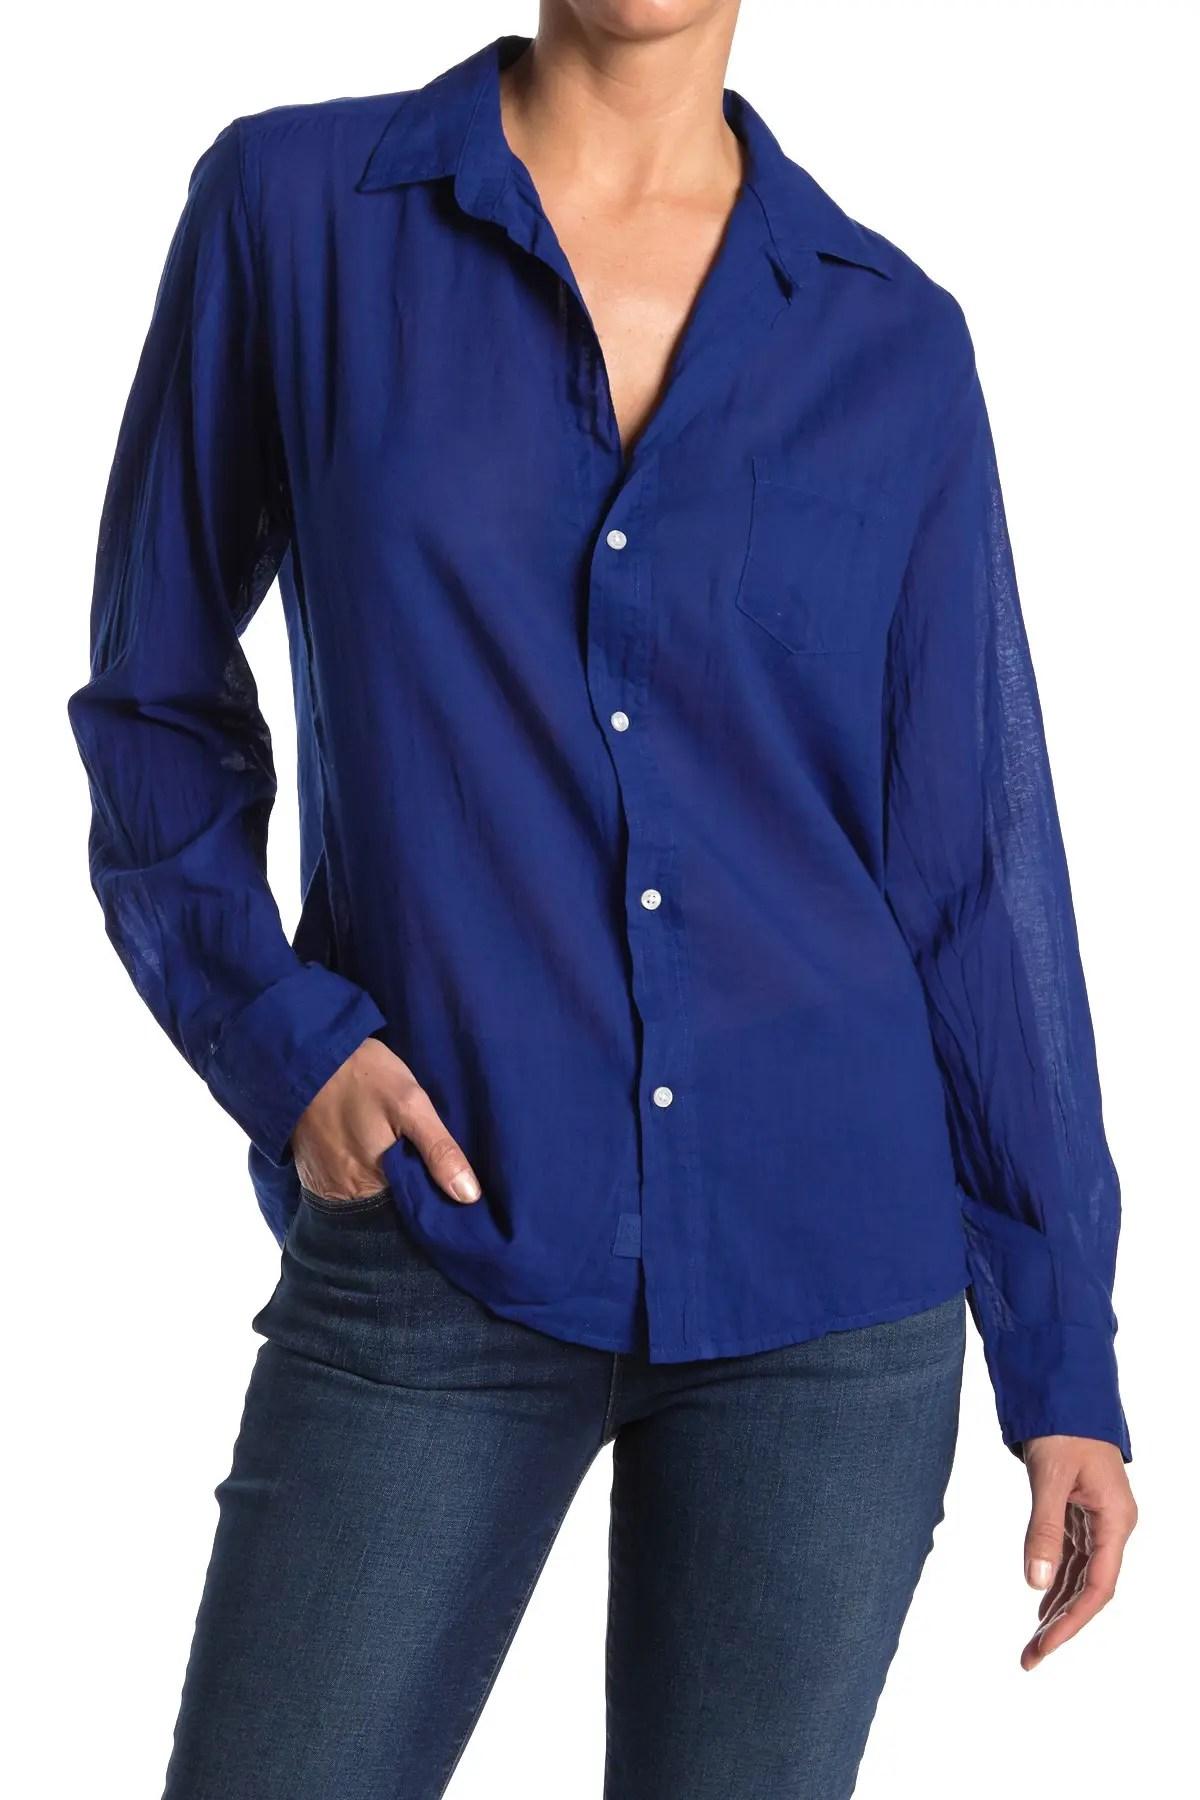 barry woven dress shirt